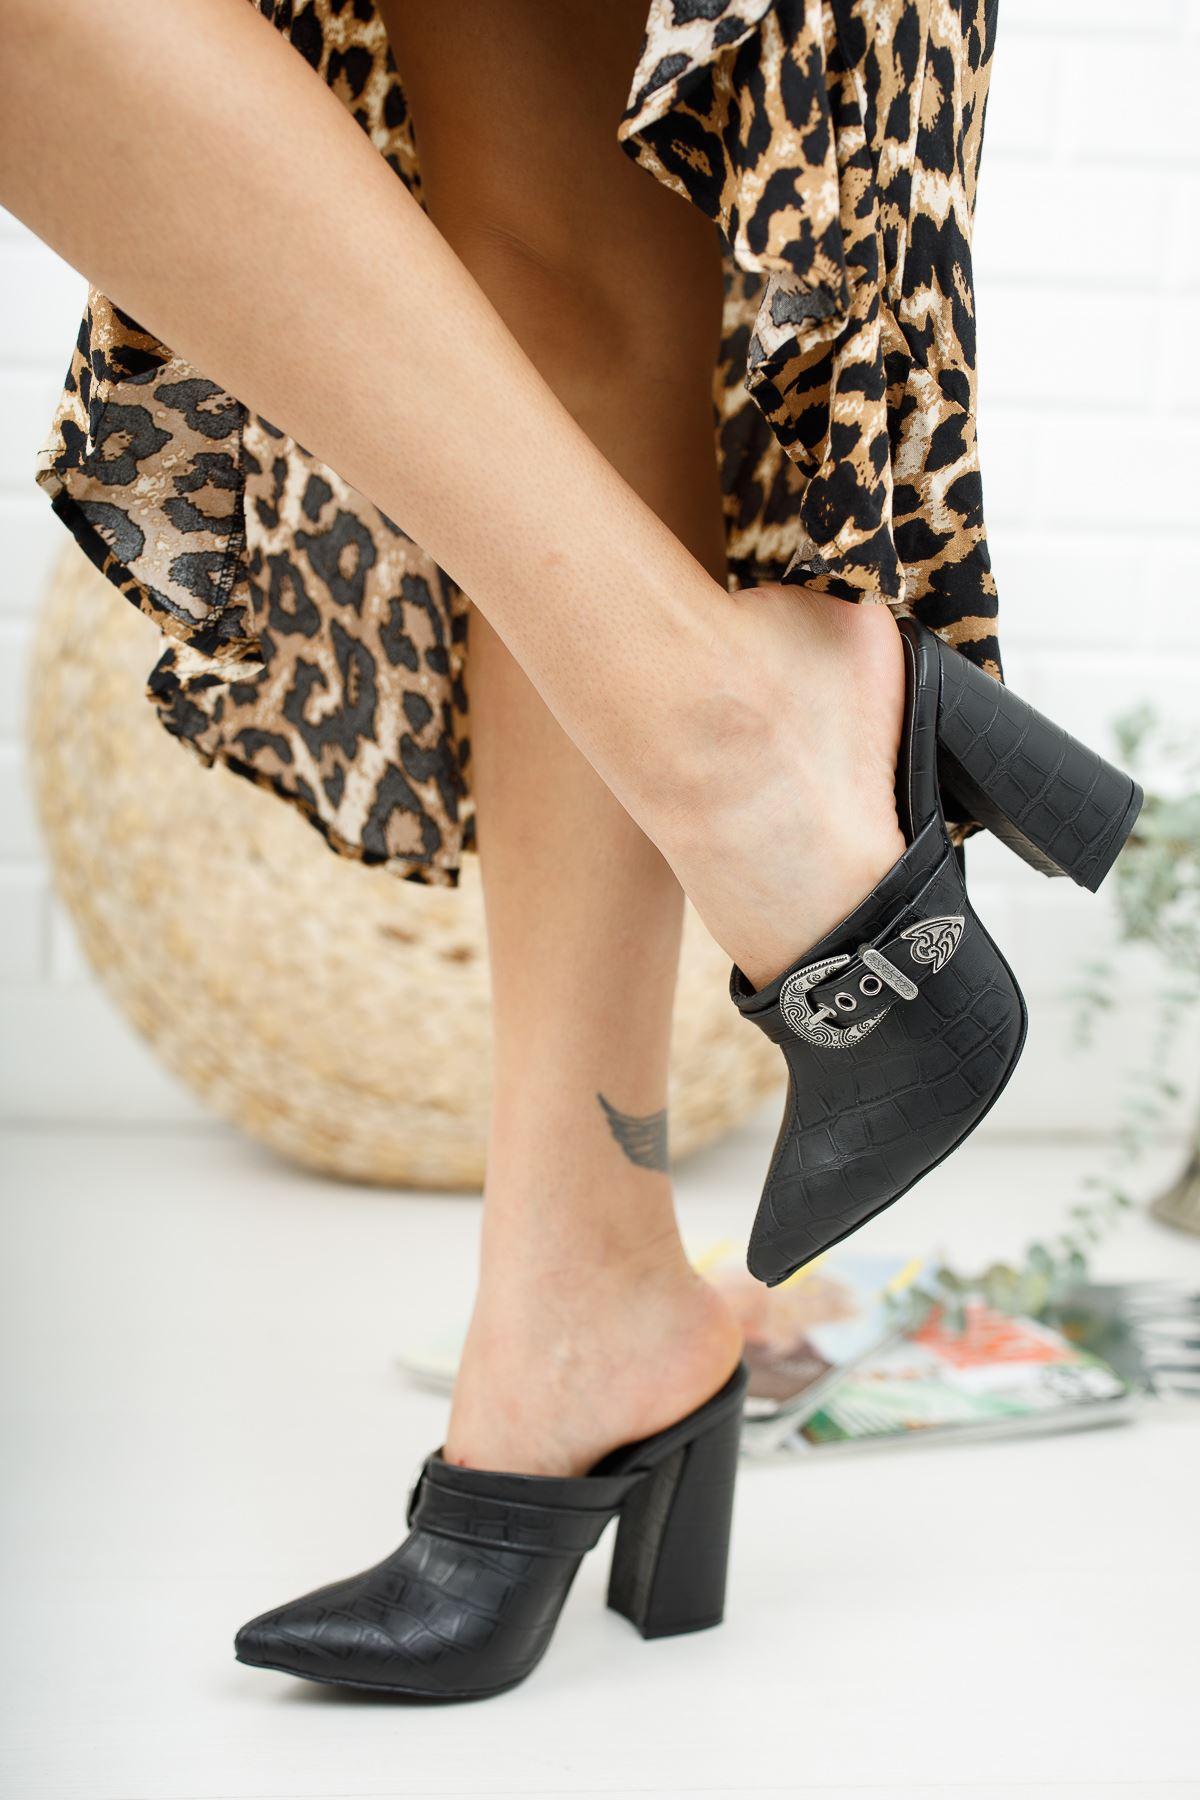 Bacy Siyah Krokodil Tokalı Topuklu Kadın Terlik